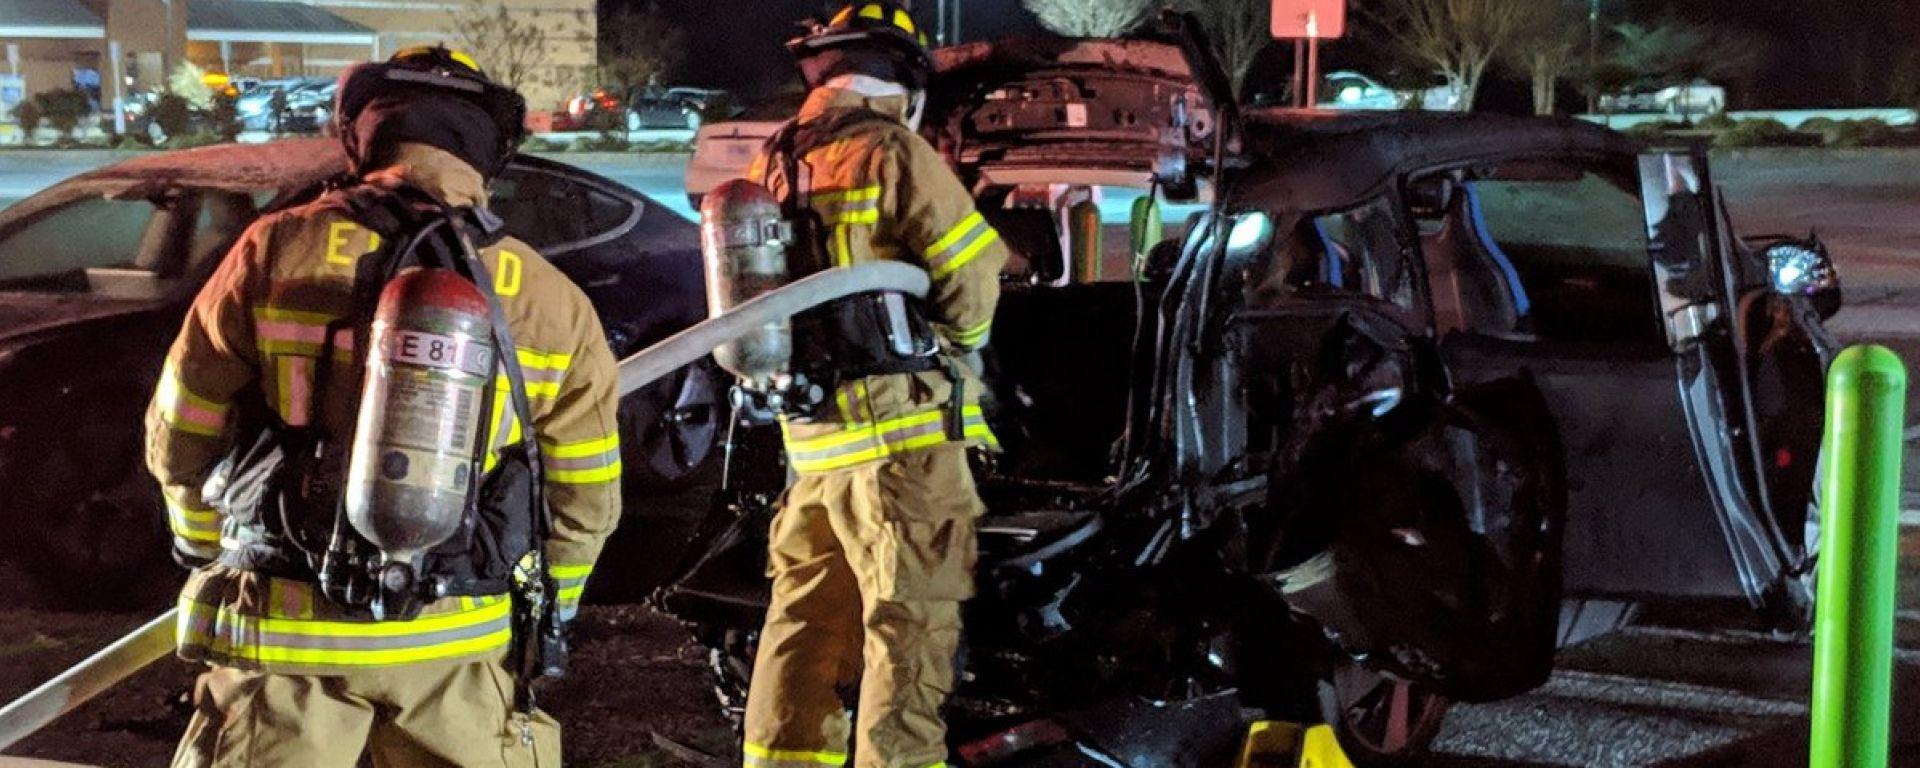 Incendi di auto elettriche: pompieri impreparati?